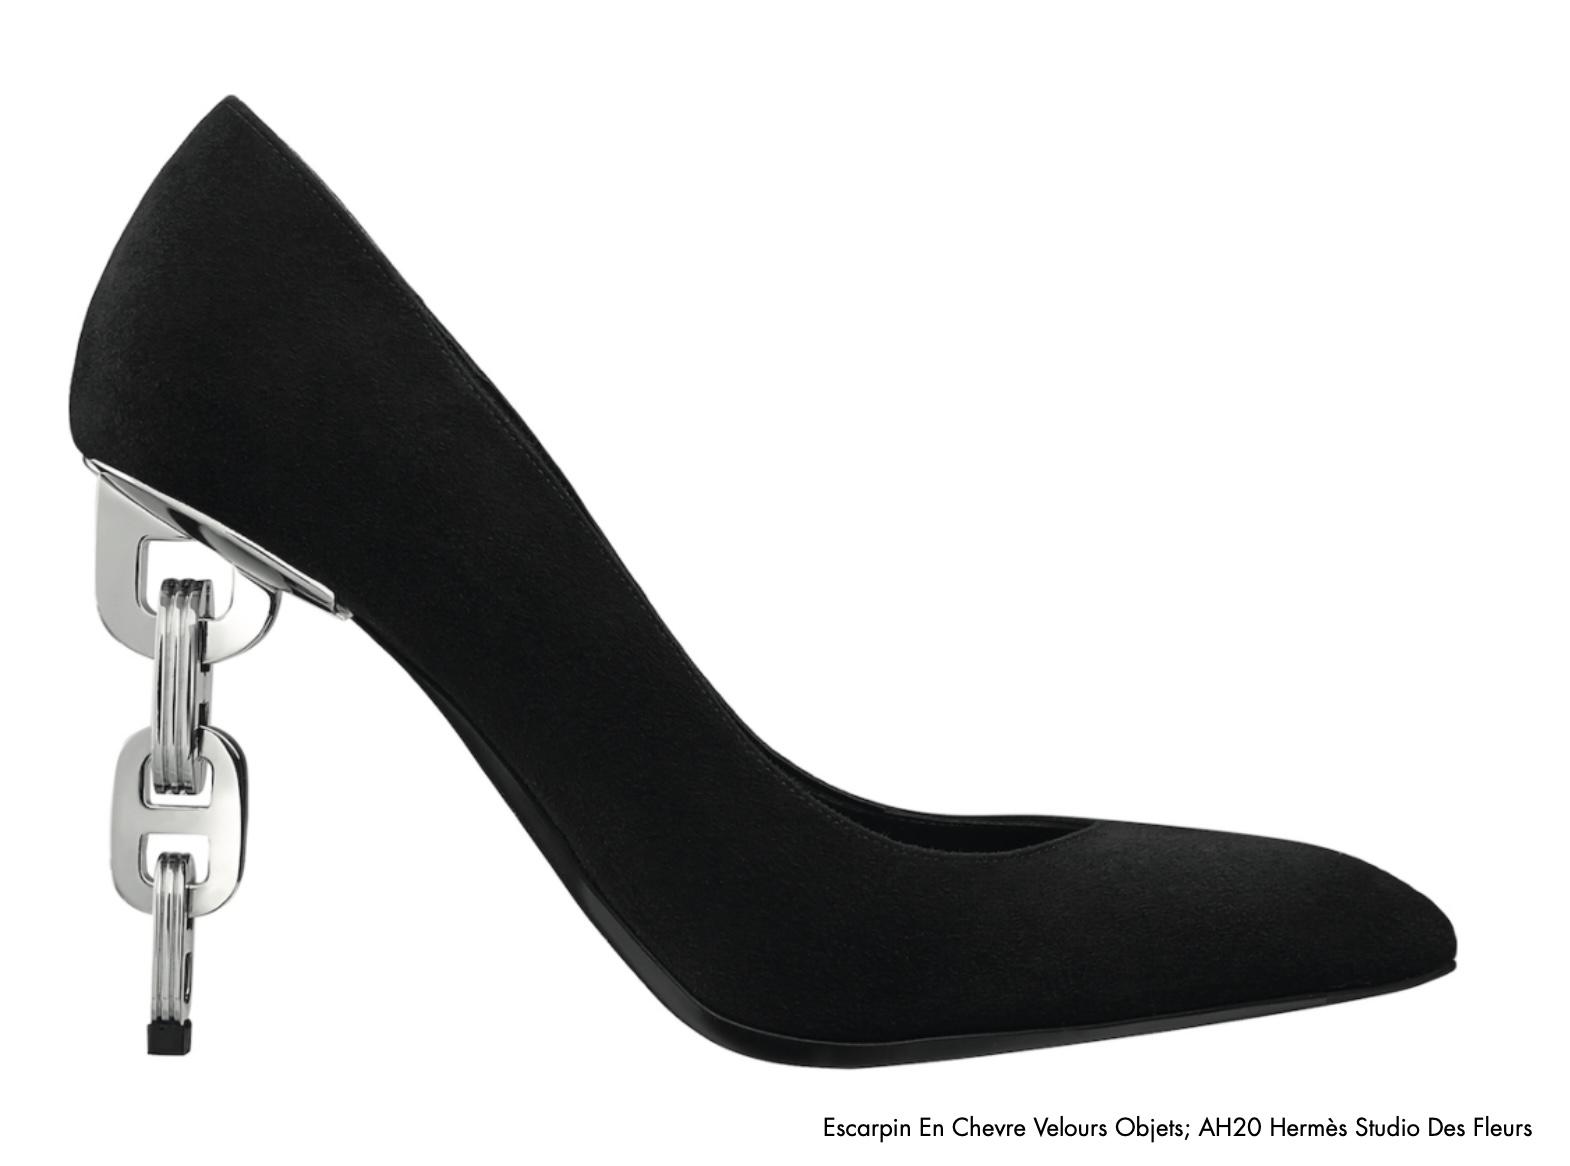 Women's Pump with Chaîne d'Ancre heel. Photo via Platform-Mag.com.